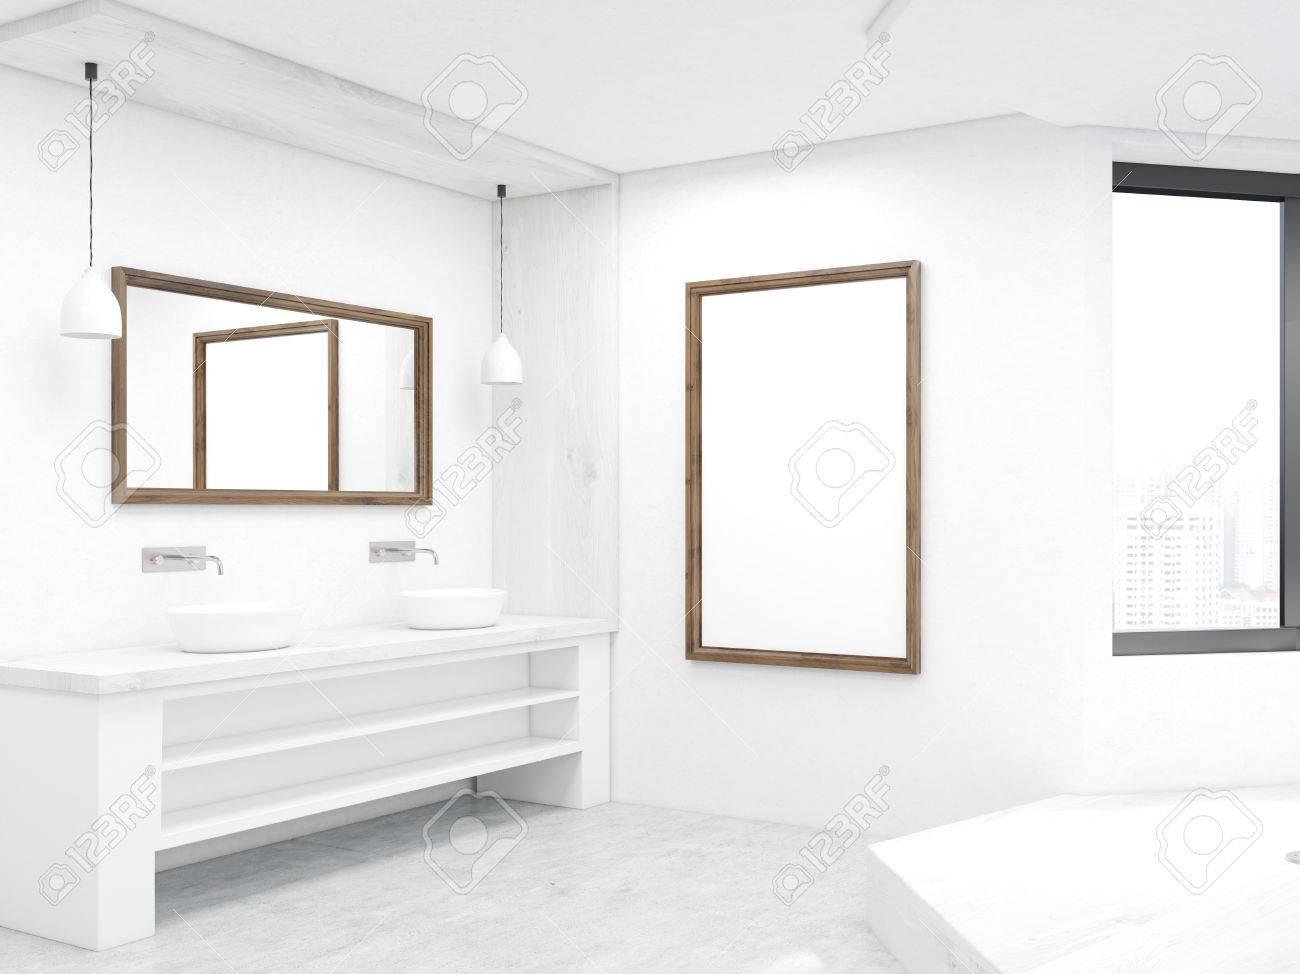 Cuarto de baño de esquina con dos fregaderos, podio, espejos y ventanas.  Concepto de limpieza y placeres del cuerpo. Las 3D. Bosquejo.